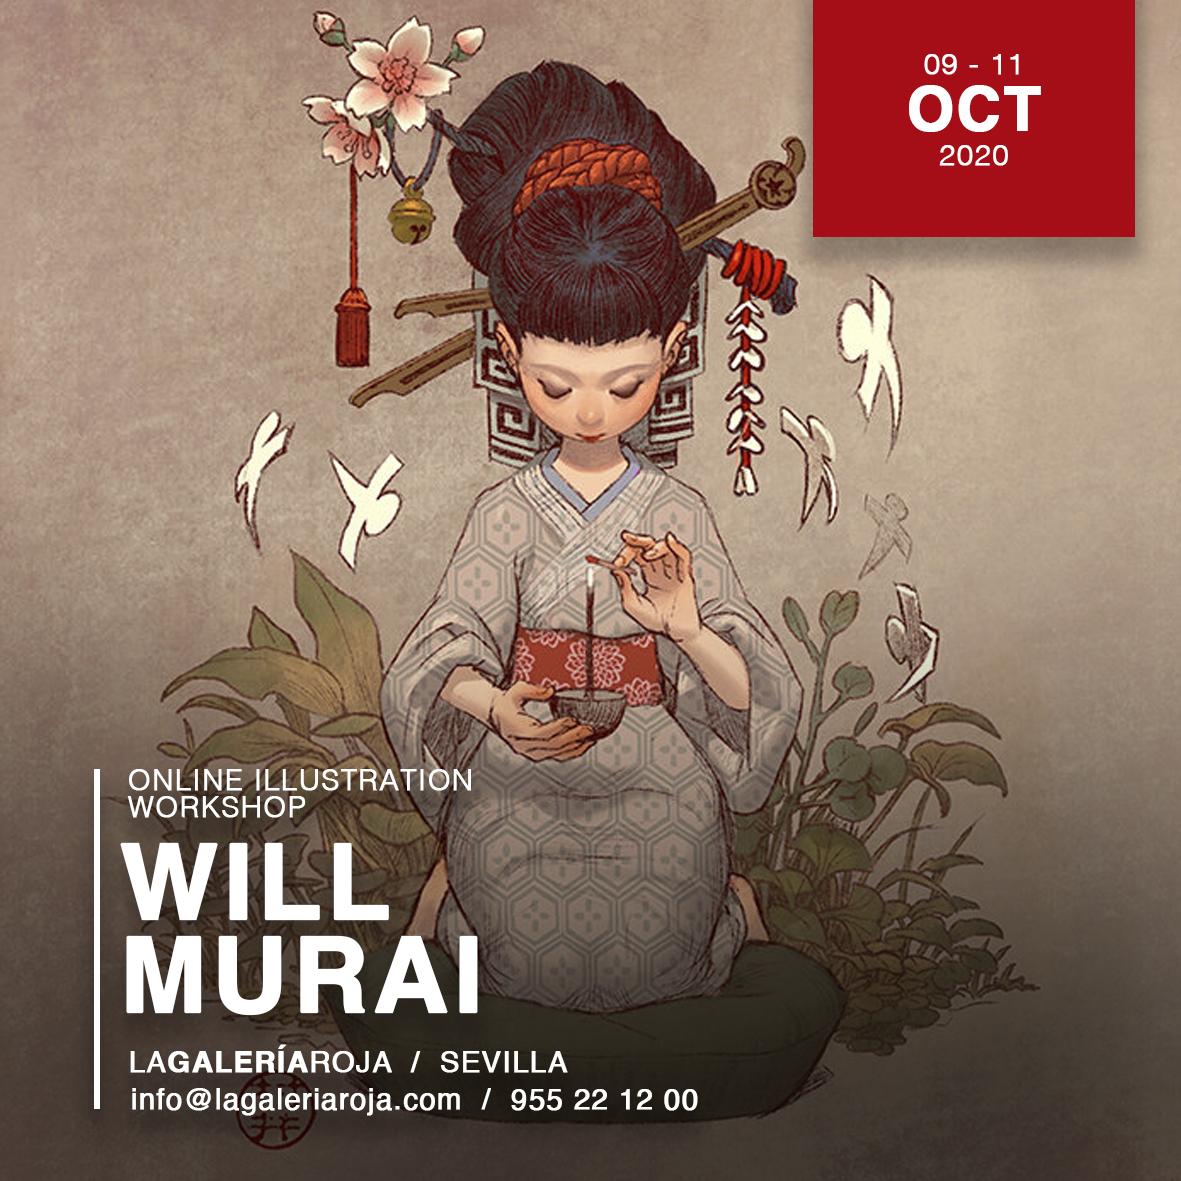 WILL MURAI